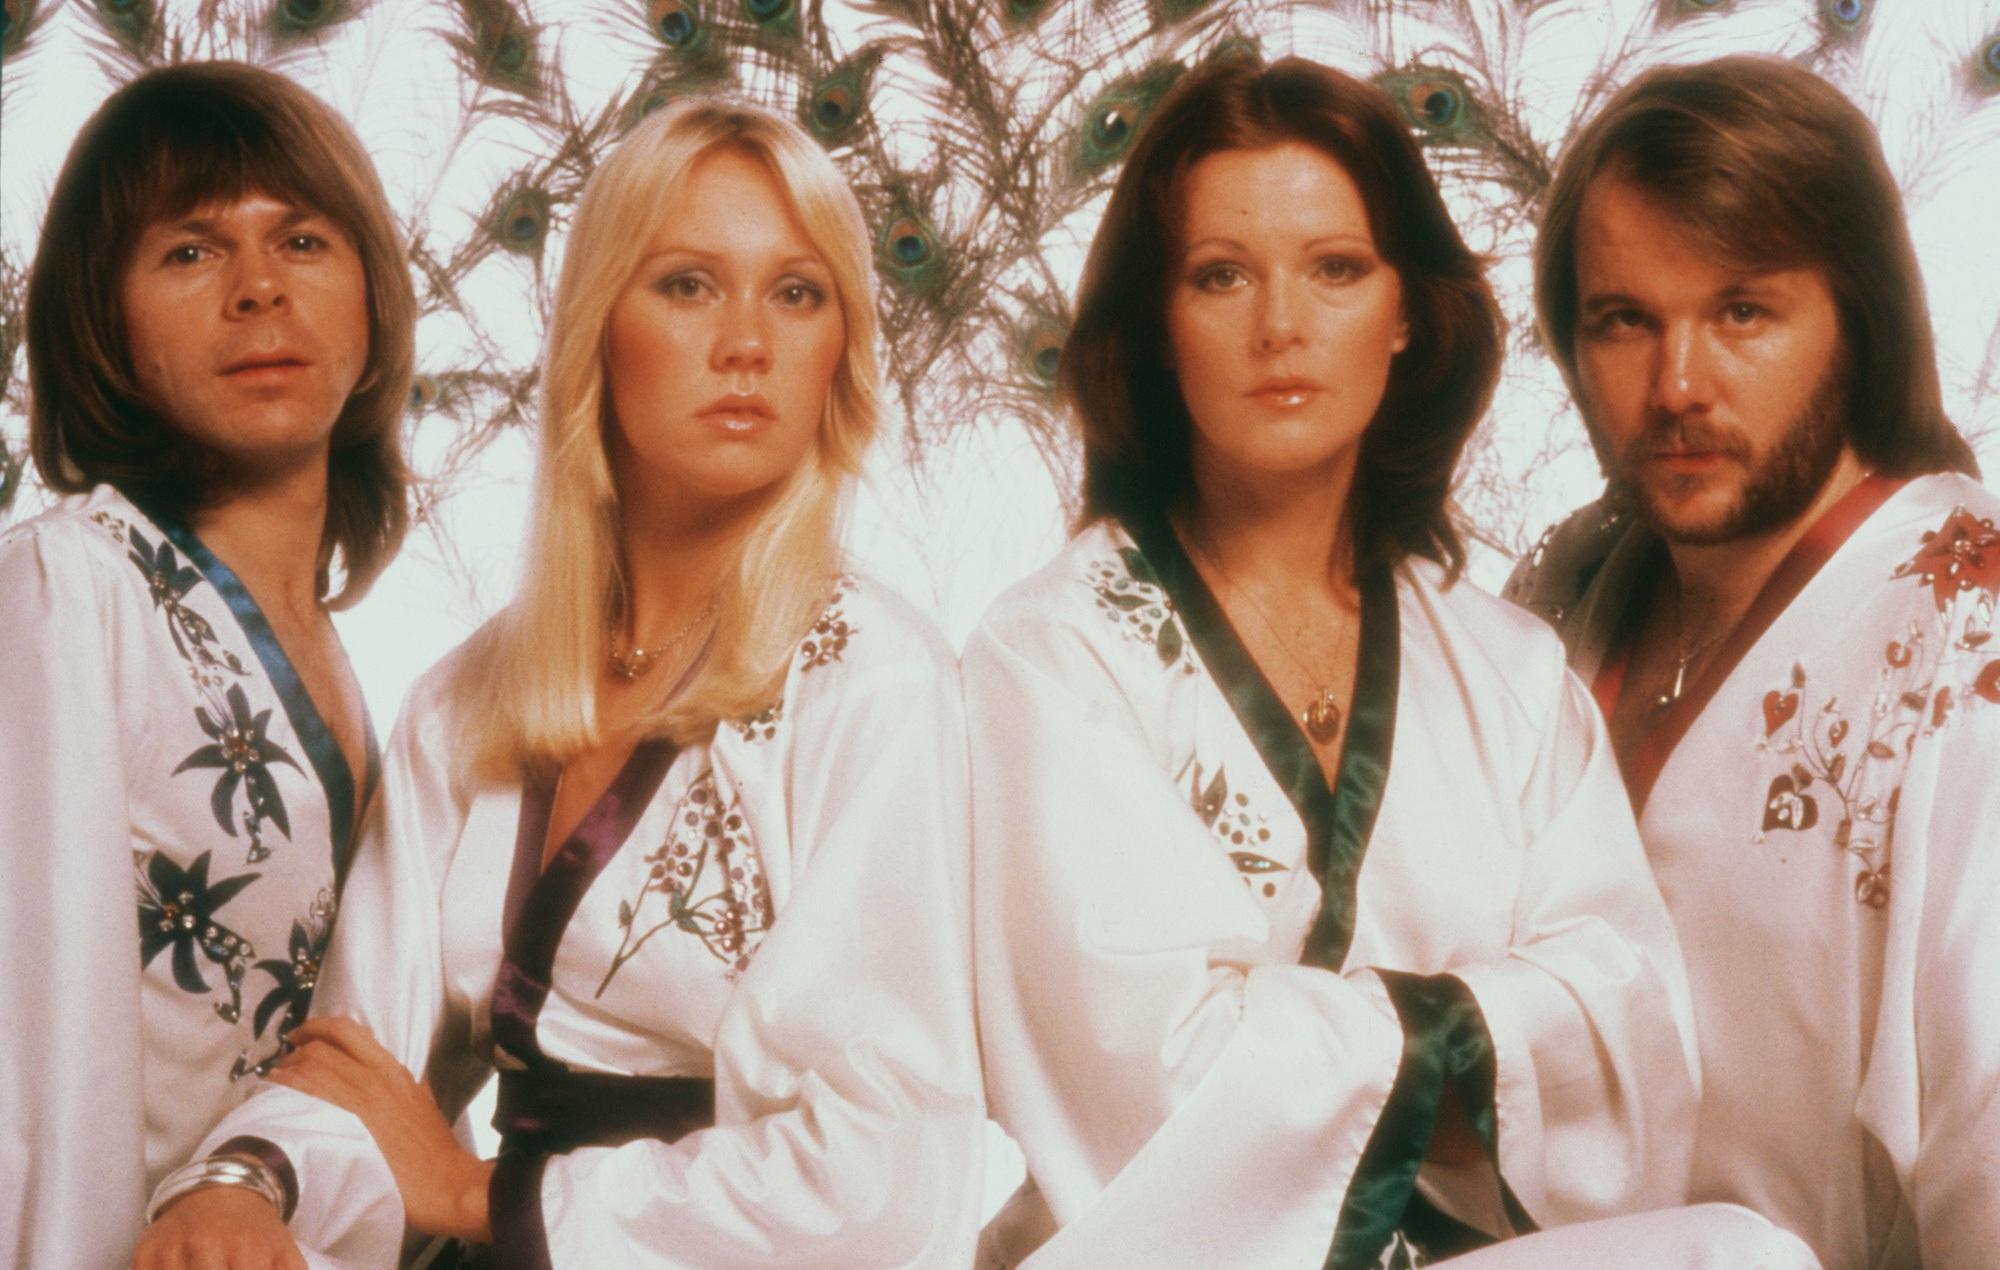 2 1630644501459 1630752357071 1630752357412948542337 Cuộc đời buồn ít biết của thành viên nổi bật nhất trong nhóm ABBA